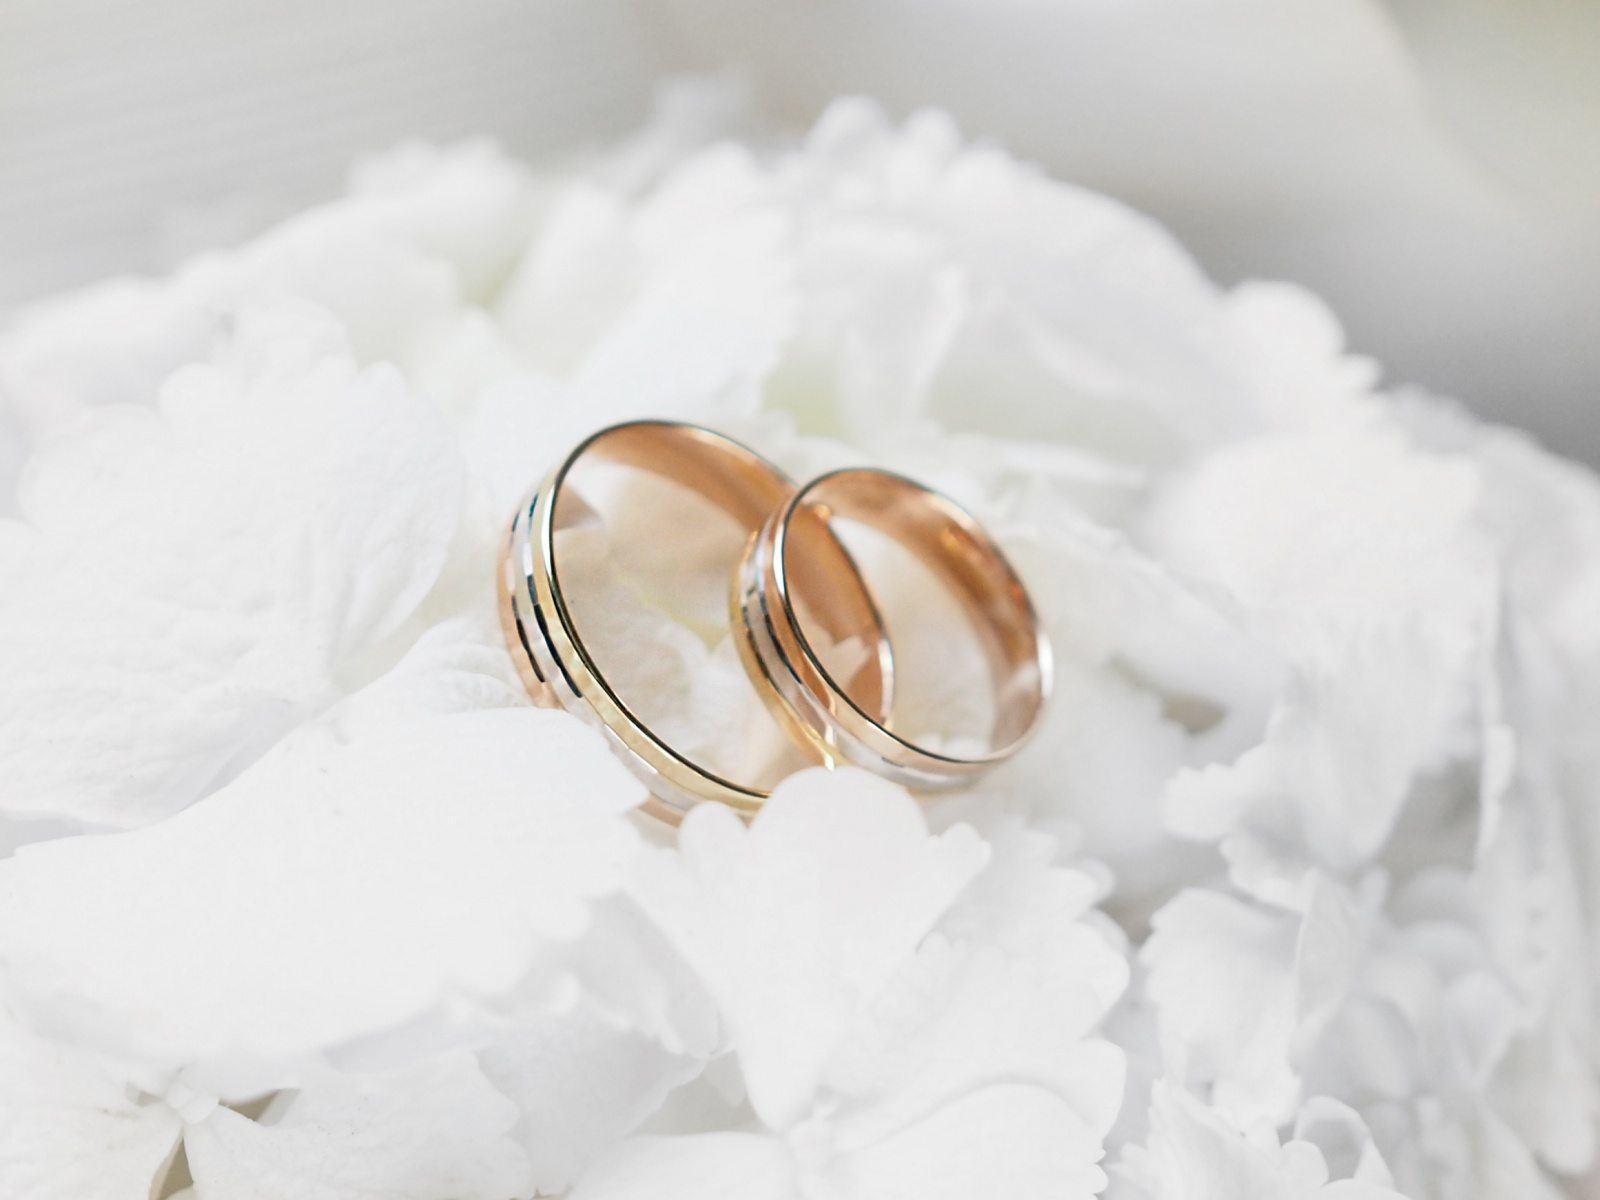 Обручальный кольцо картинки